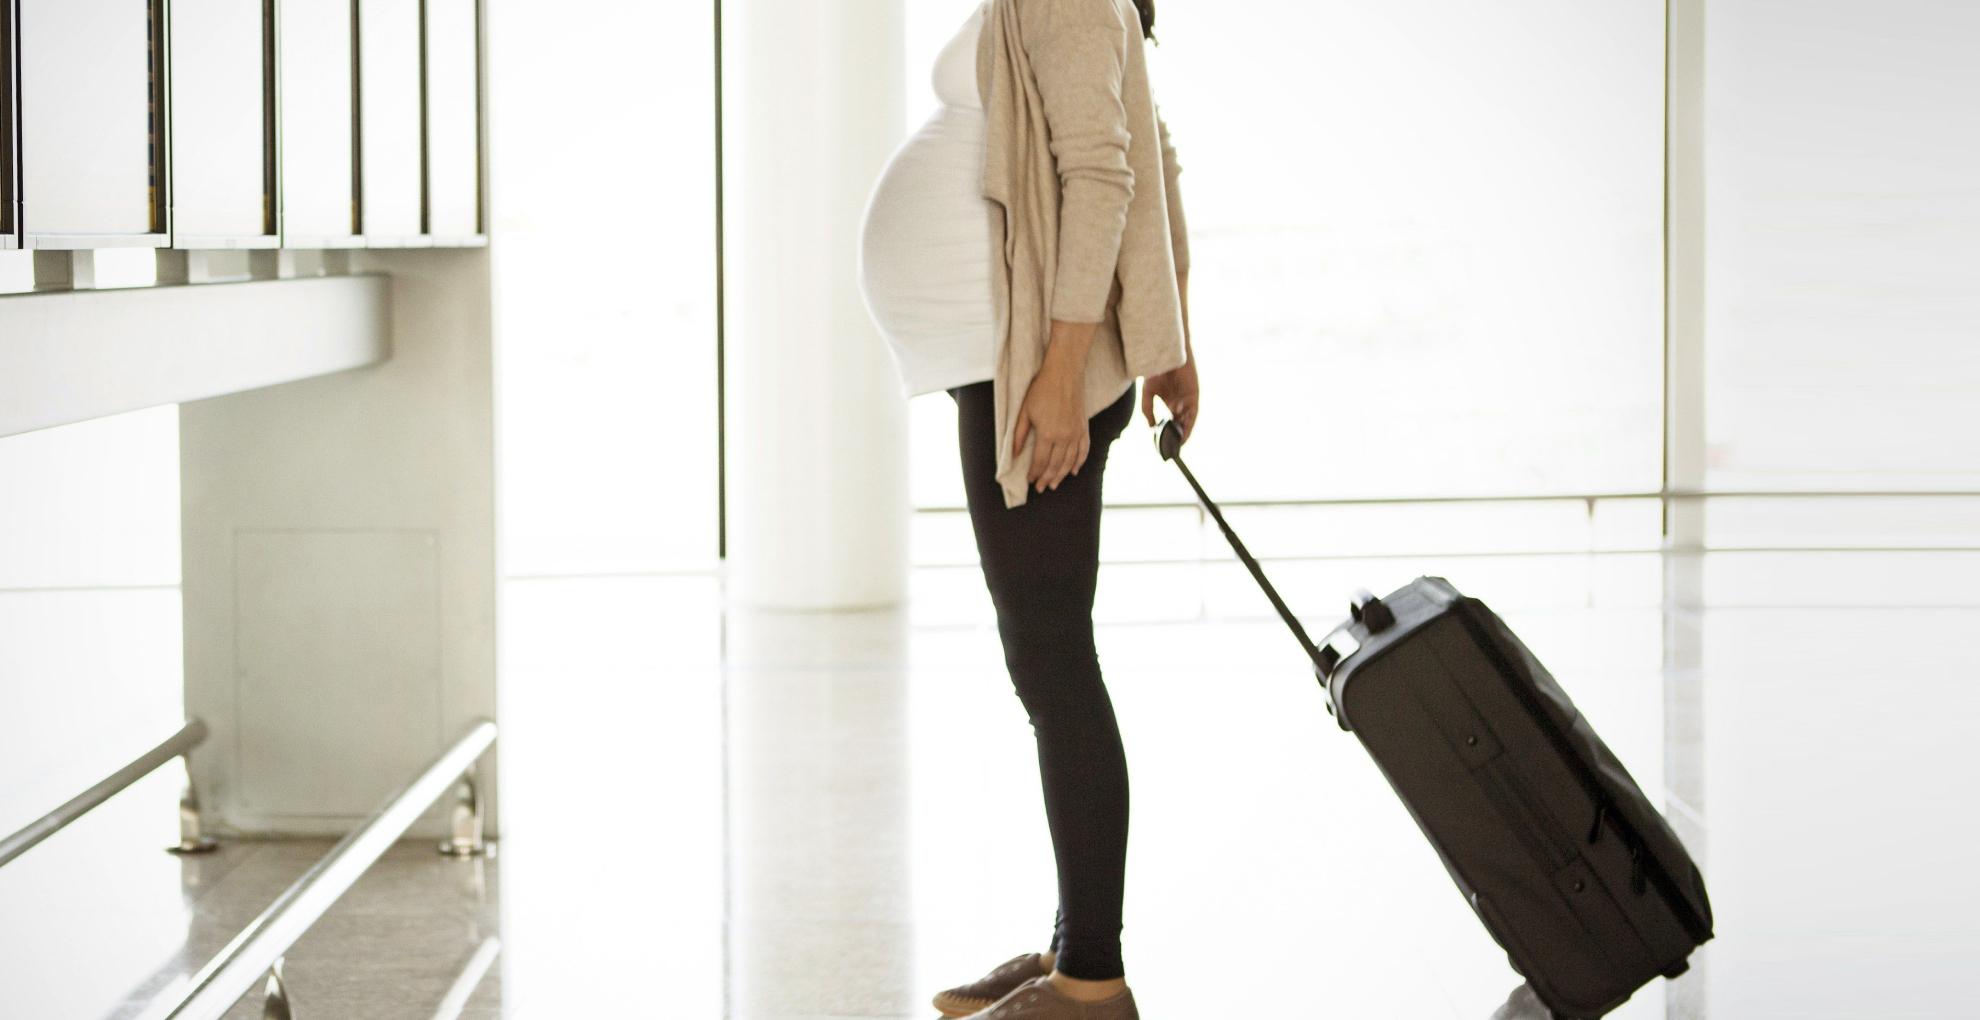 Pregnancy Travel Tips: प्रेग्नेंसी के दौरान सफर करते वक्त फॉलो करें ये टिप्स, नहीं होगी किसी तरह की समस्या